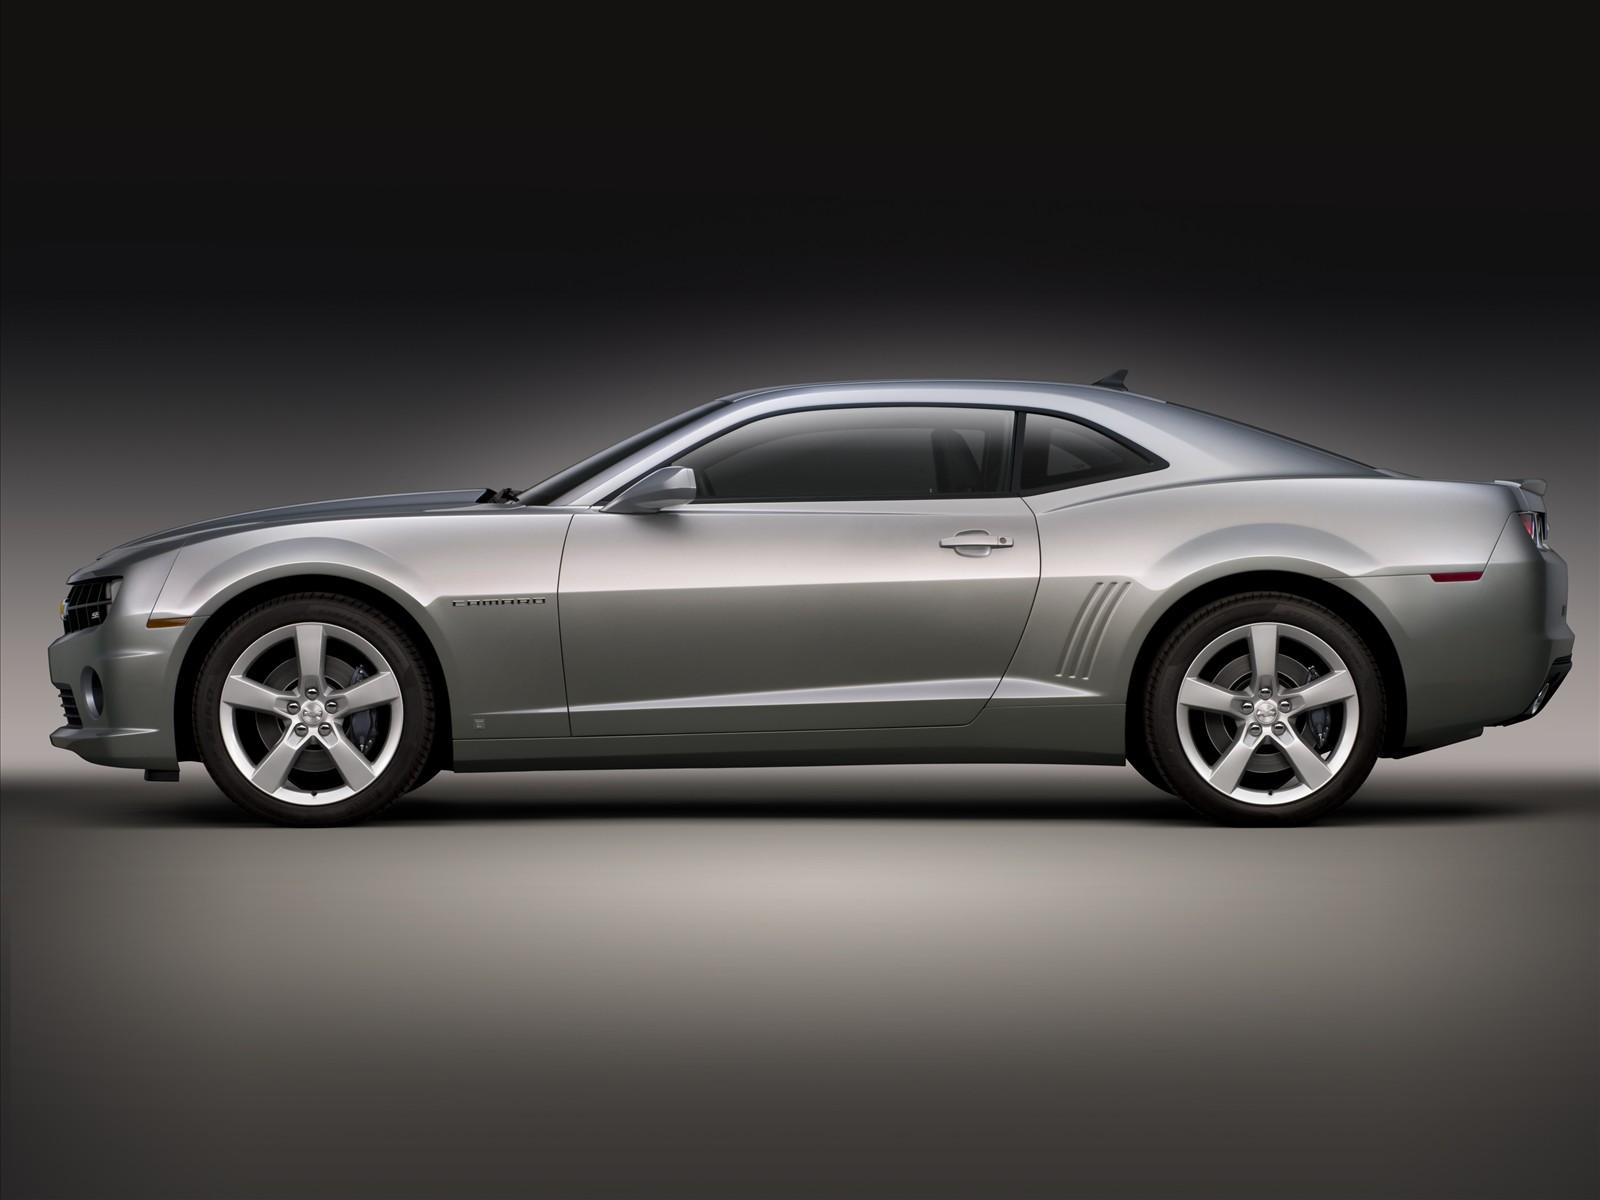 http://1.bp.blogspot.com/_1S5OuDBROEI/S_J5zA_gMpI/AAAAAAAAAUs/kJzuJ4yiPfU/s1600/2010+Chevrolet+Camaro+SS+sideview.jpg